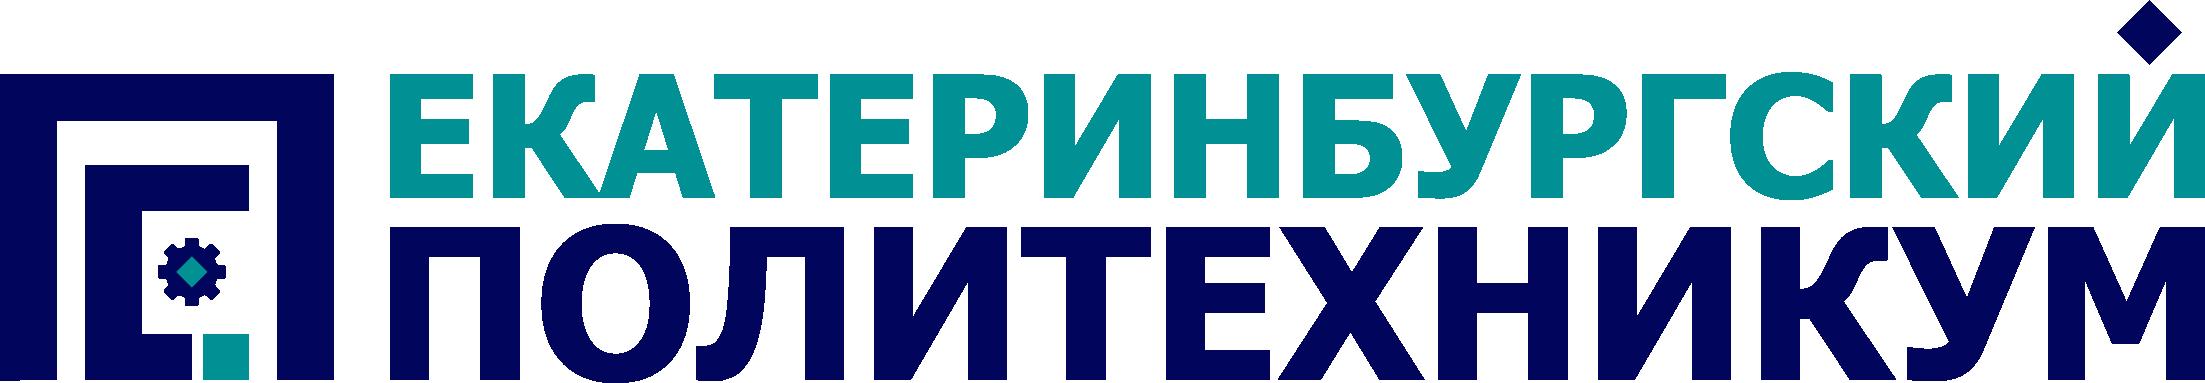 ГБПОУ СО Екатеринбургский политехникум